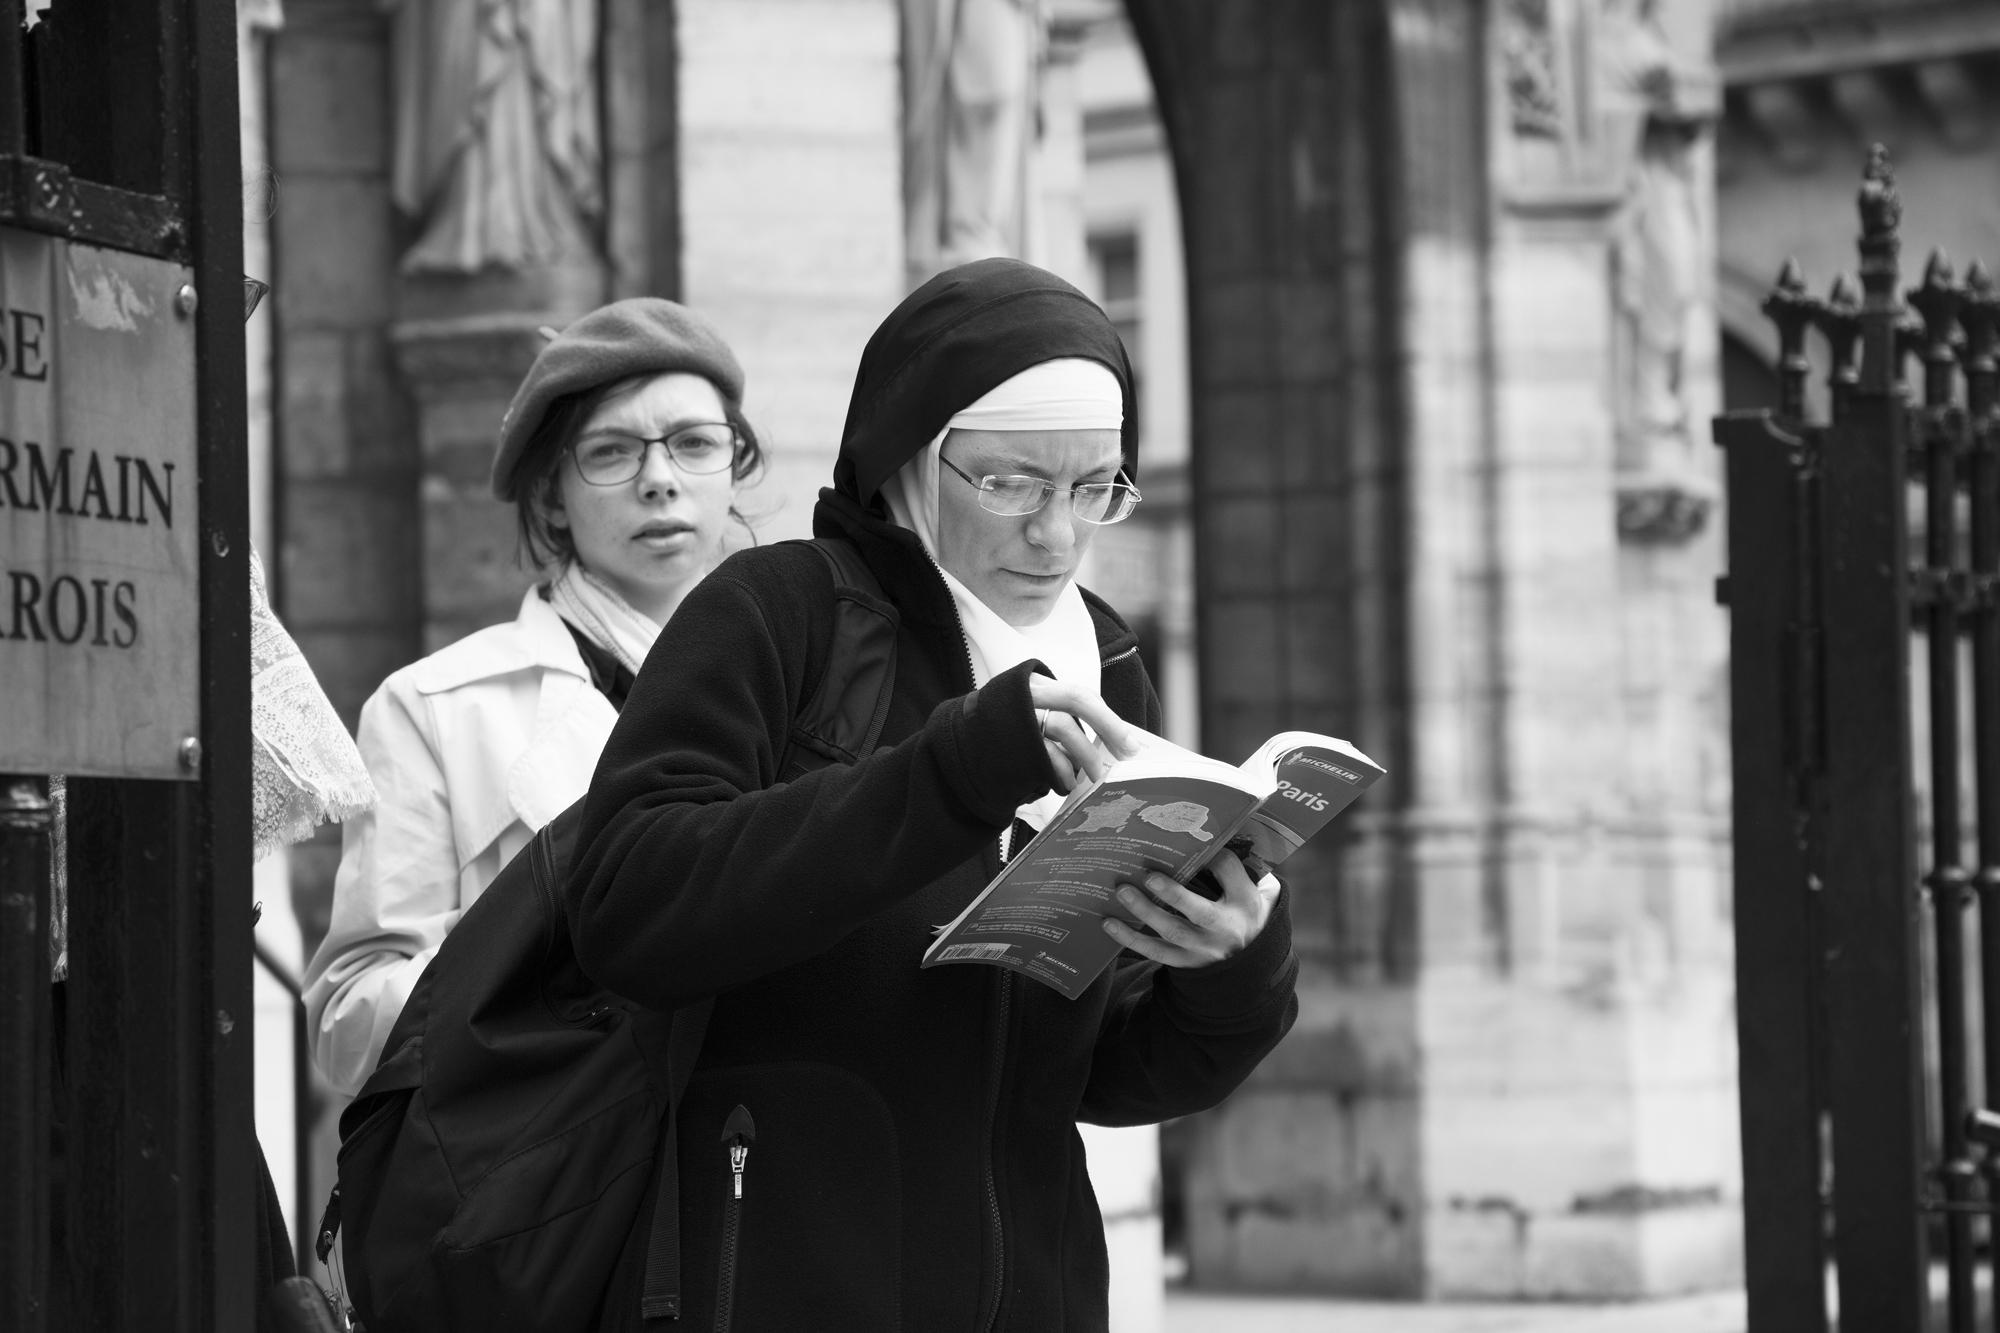 """""""Spiritual education"""" - Église Saint-Germain l'Auxerrois, Paris (2017). © Clémence Rougetet"""